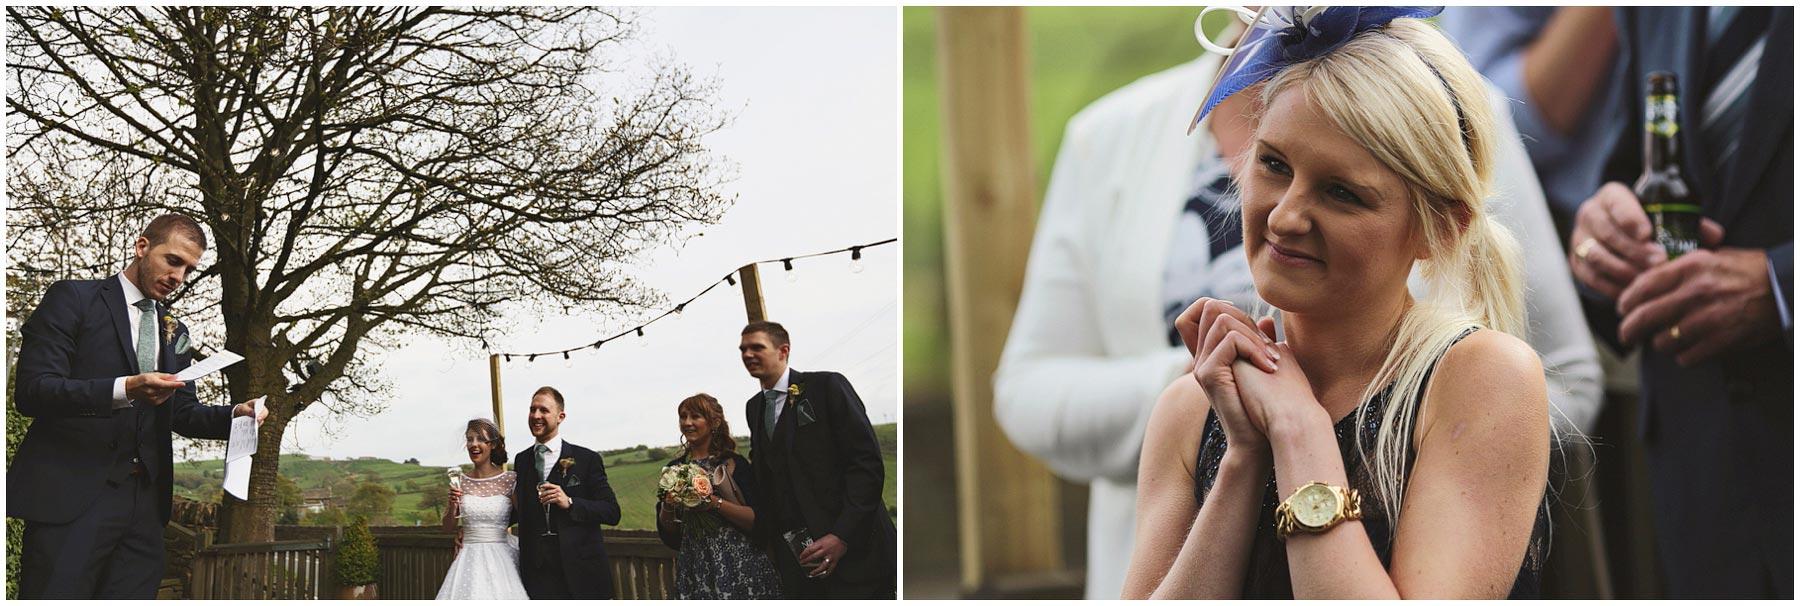 the-spiced-pear-wedding-photographer_0088